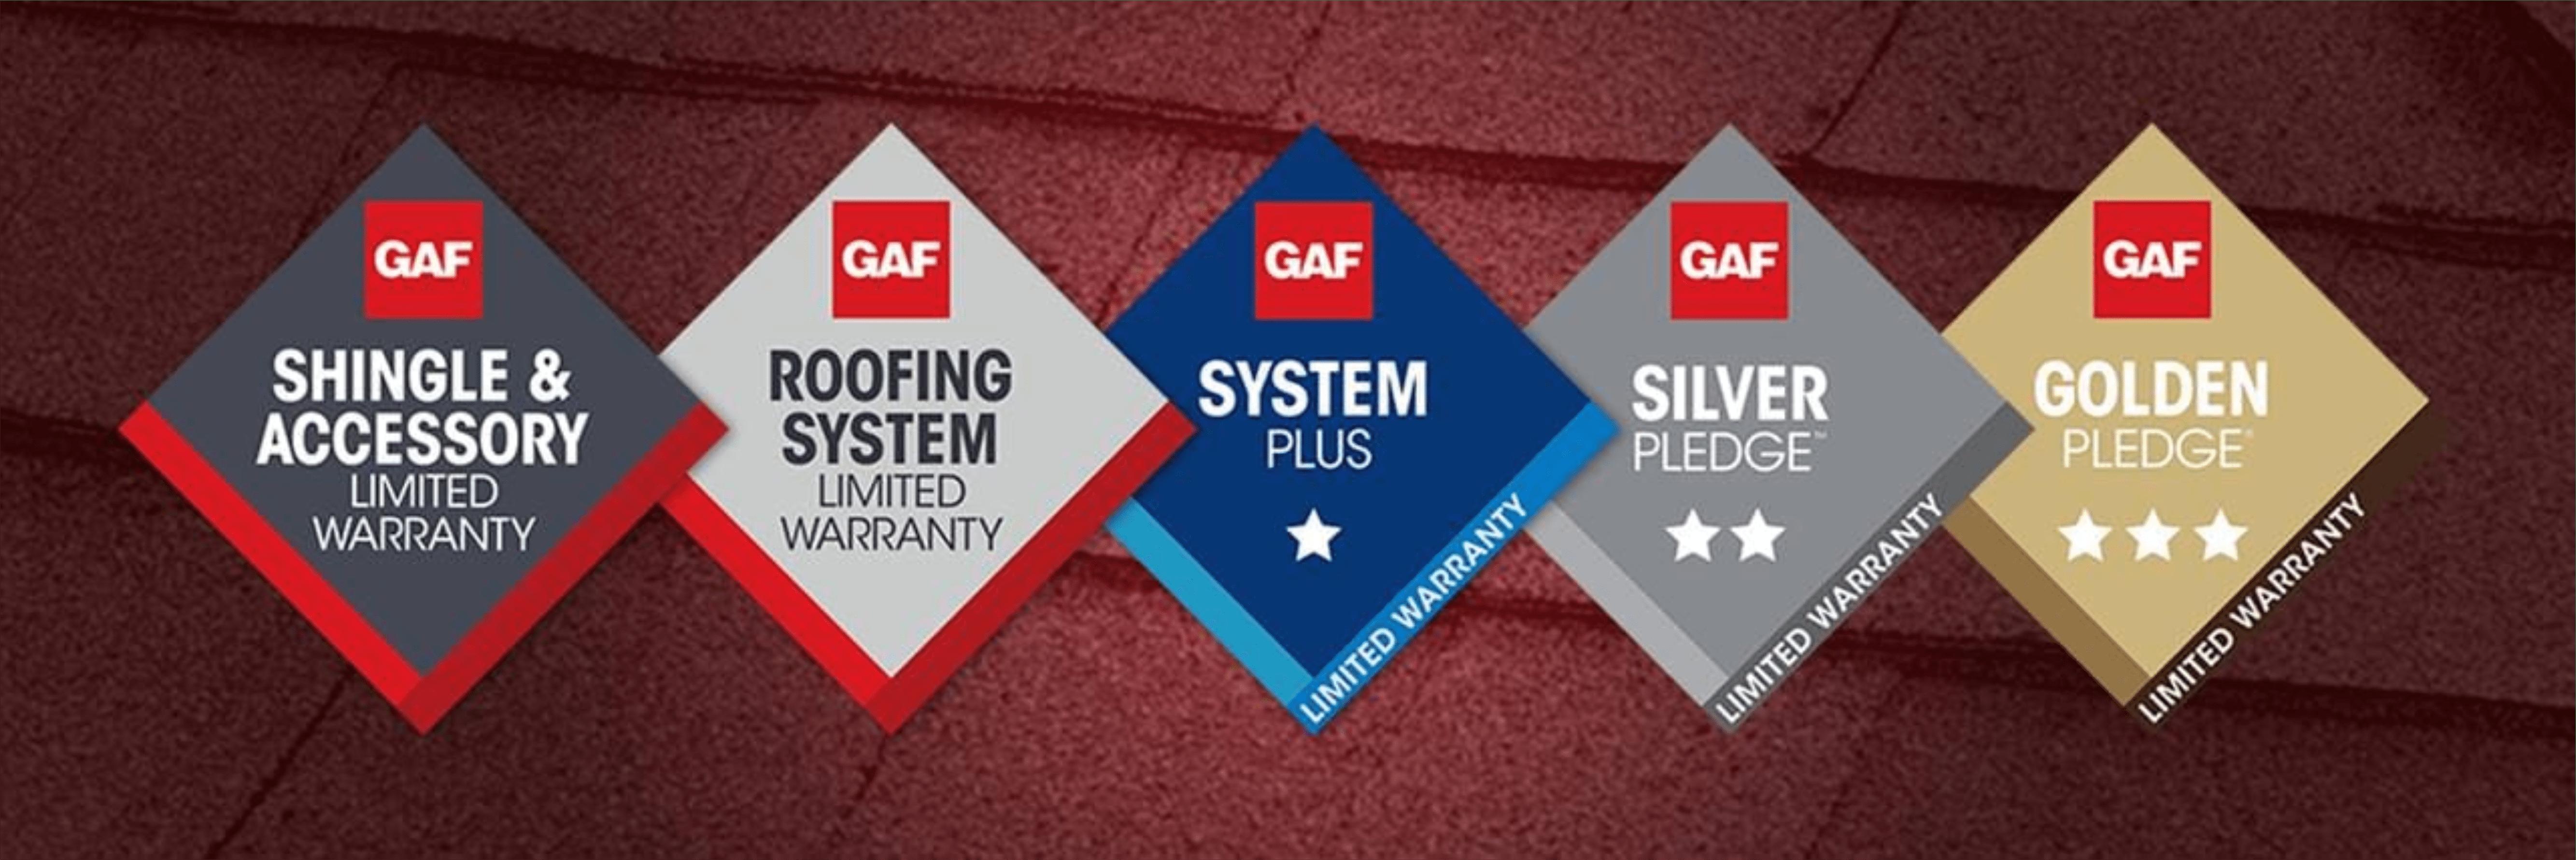 GAF Warranty Options